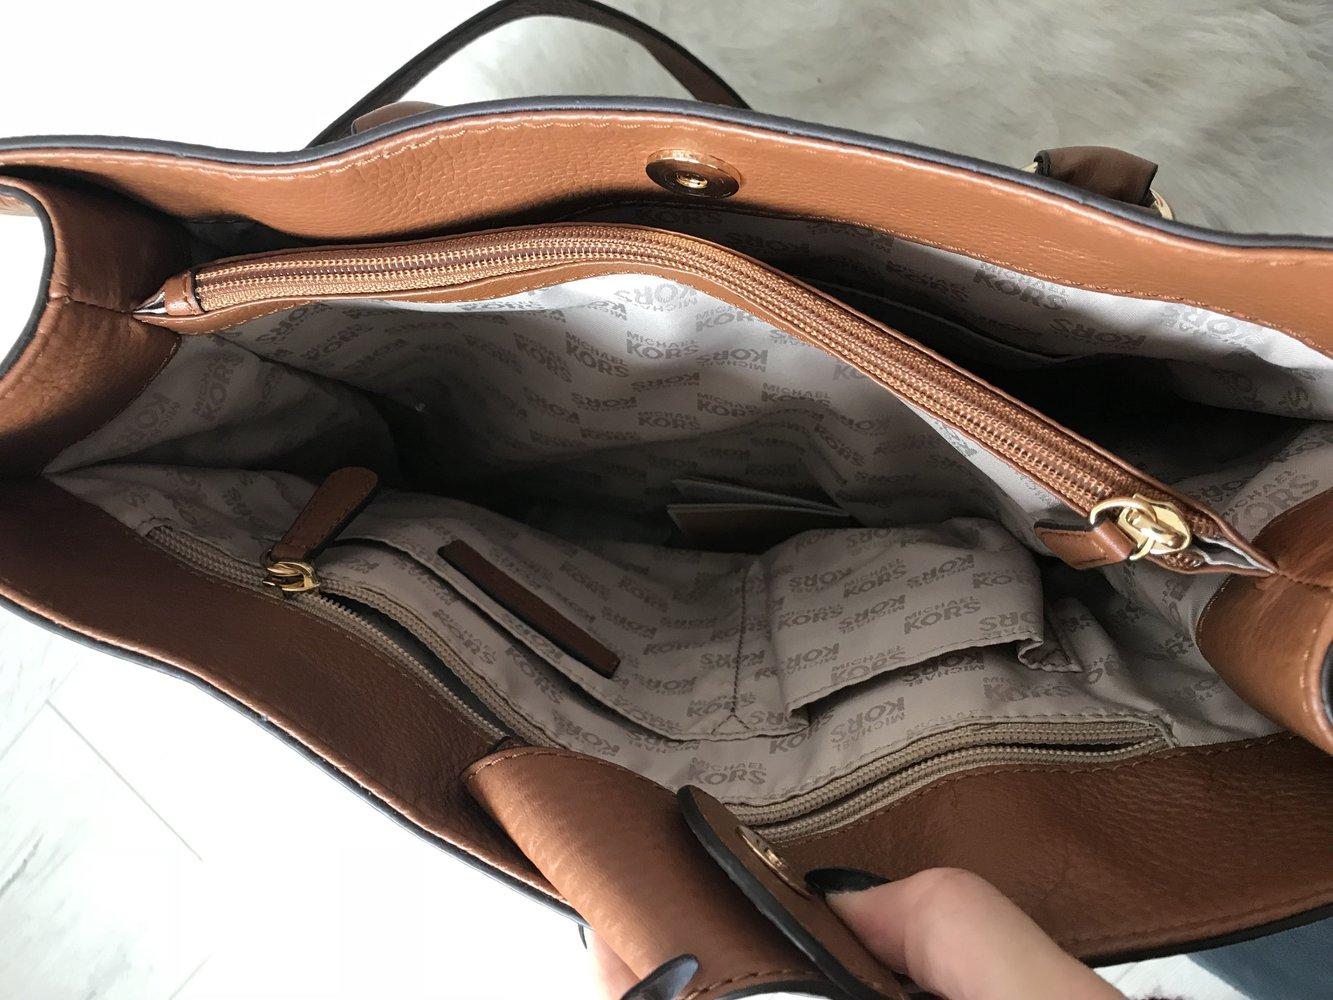 Original Michael Kors Tasche mit Schutztasche :: Kleiderkorb.ch